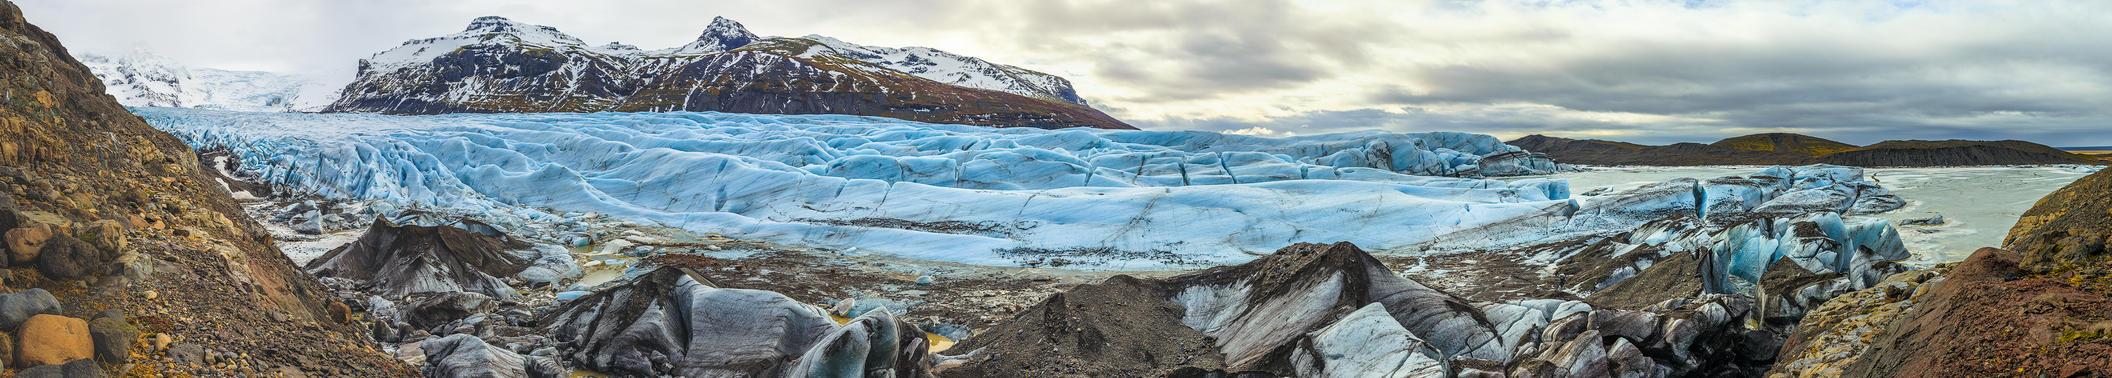 Glacial by Mashuto